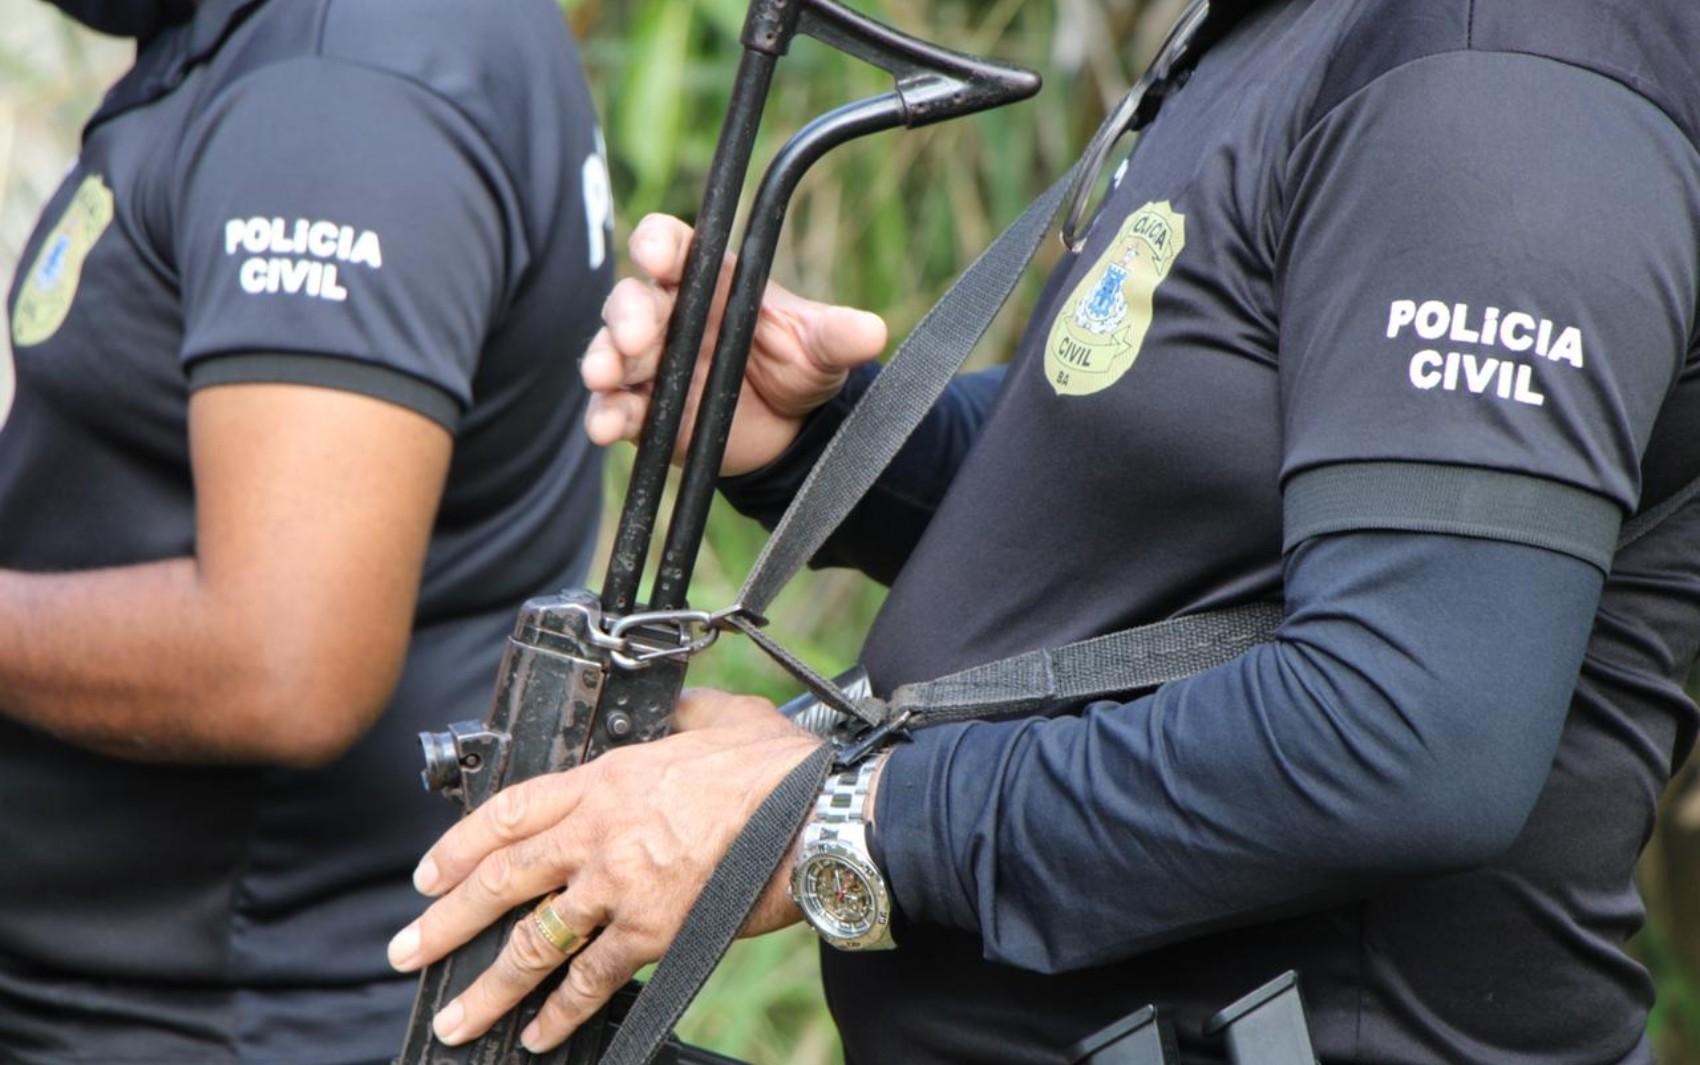 Mulher com mandado de prisão em aberto por roubo é presa durante enterro do pai em cidade da Bahia